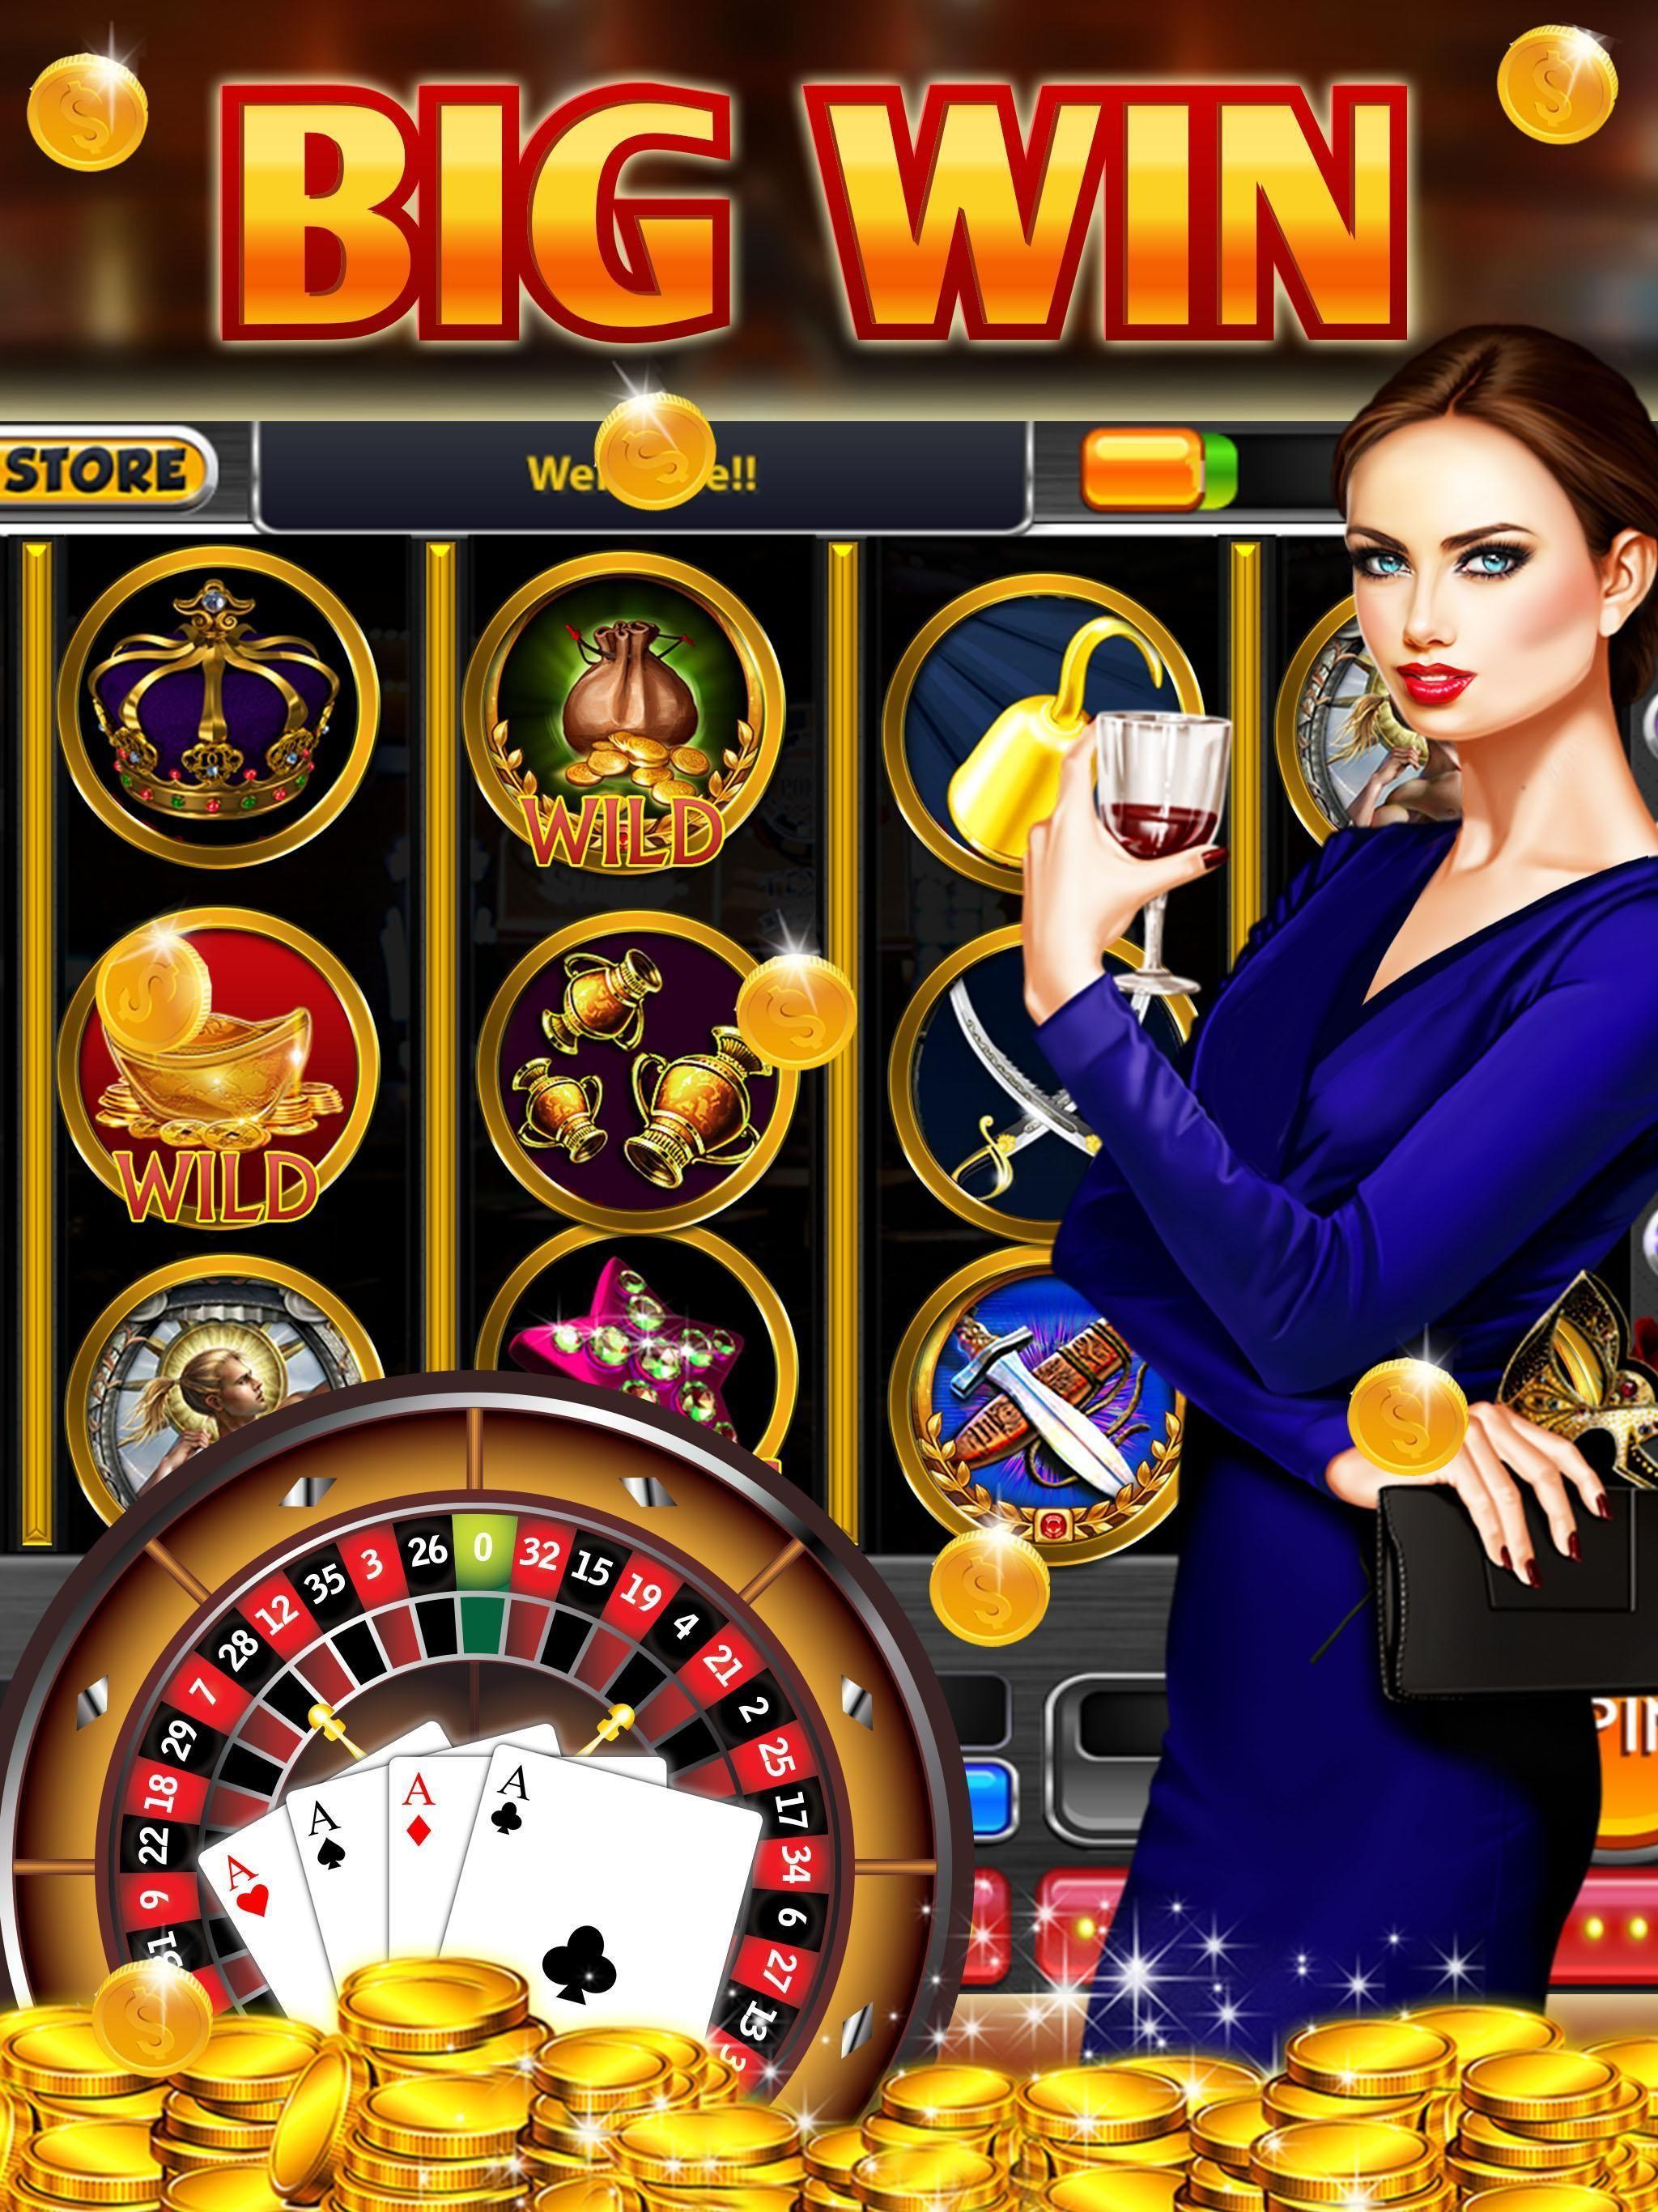 Казино с бонусом за регистрацию и выводом денег закон игровые автоматы 2014